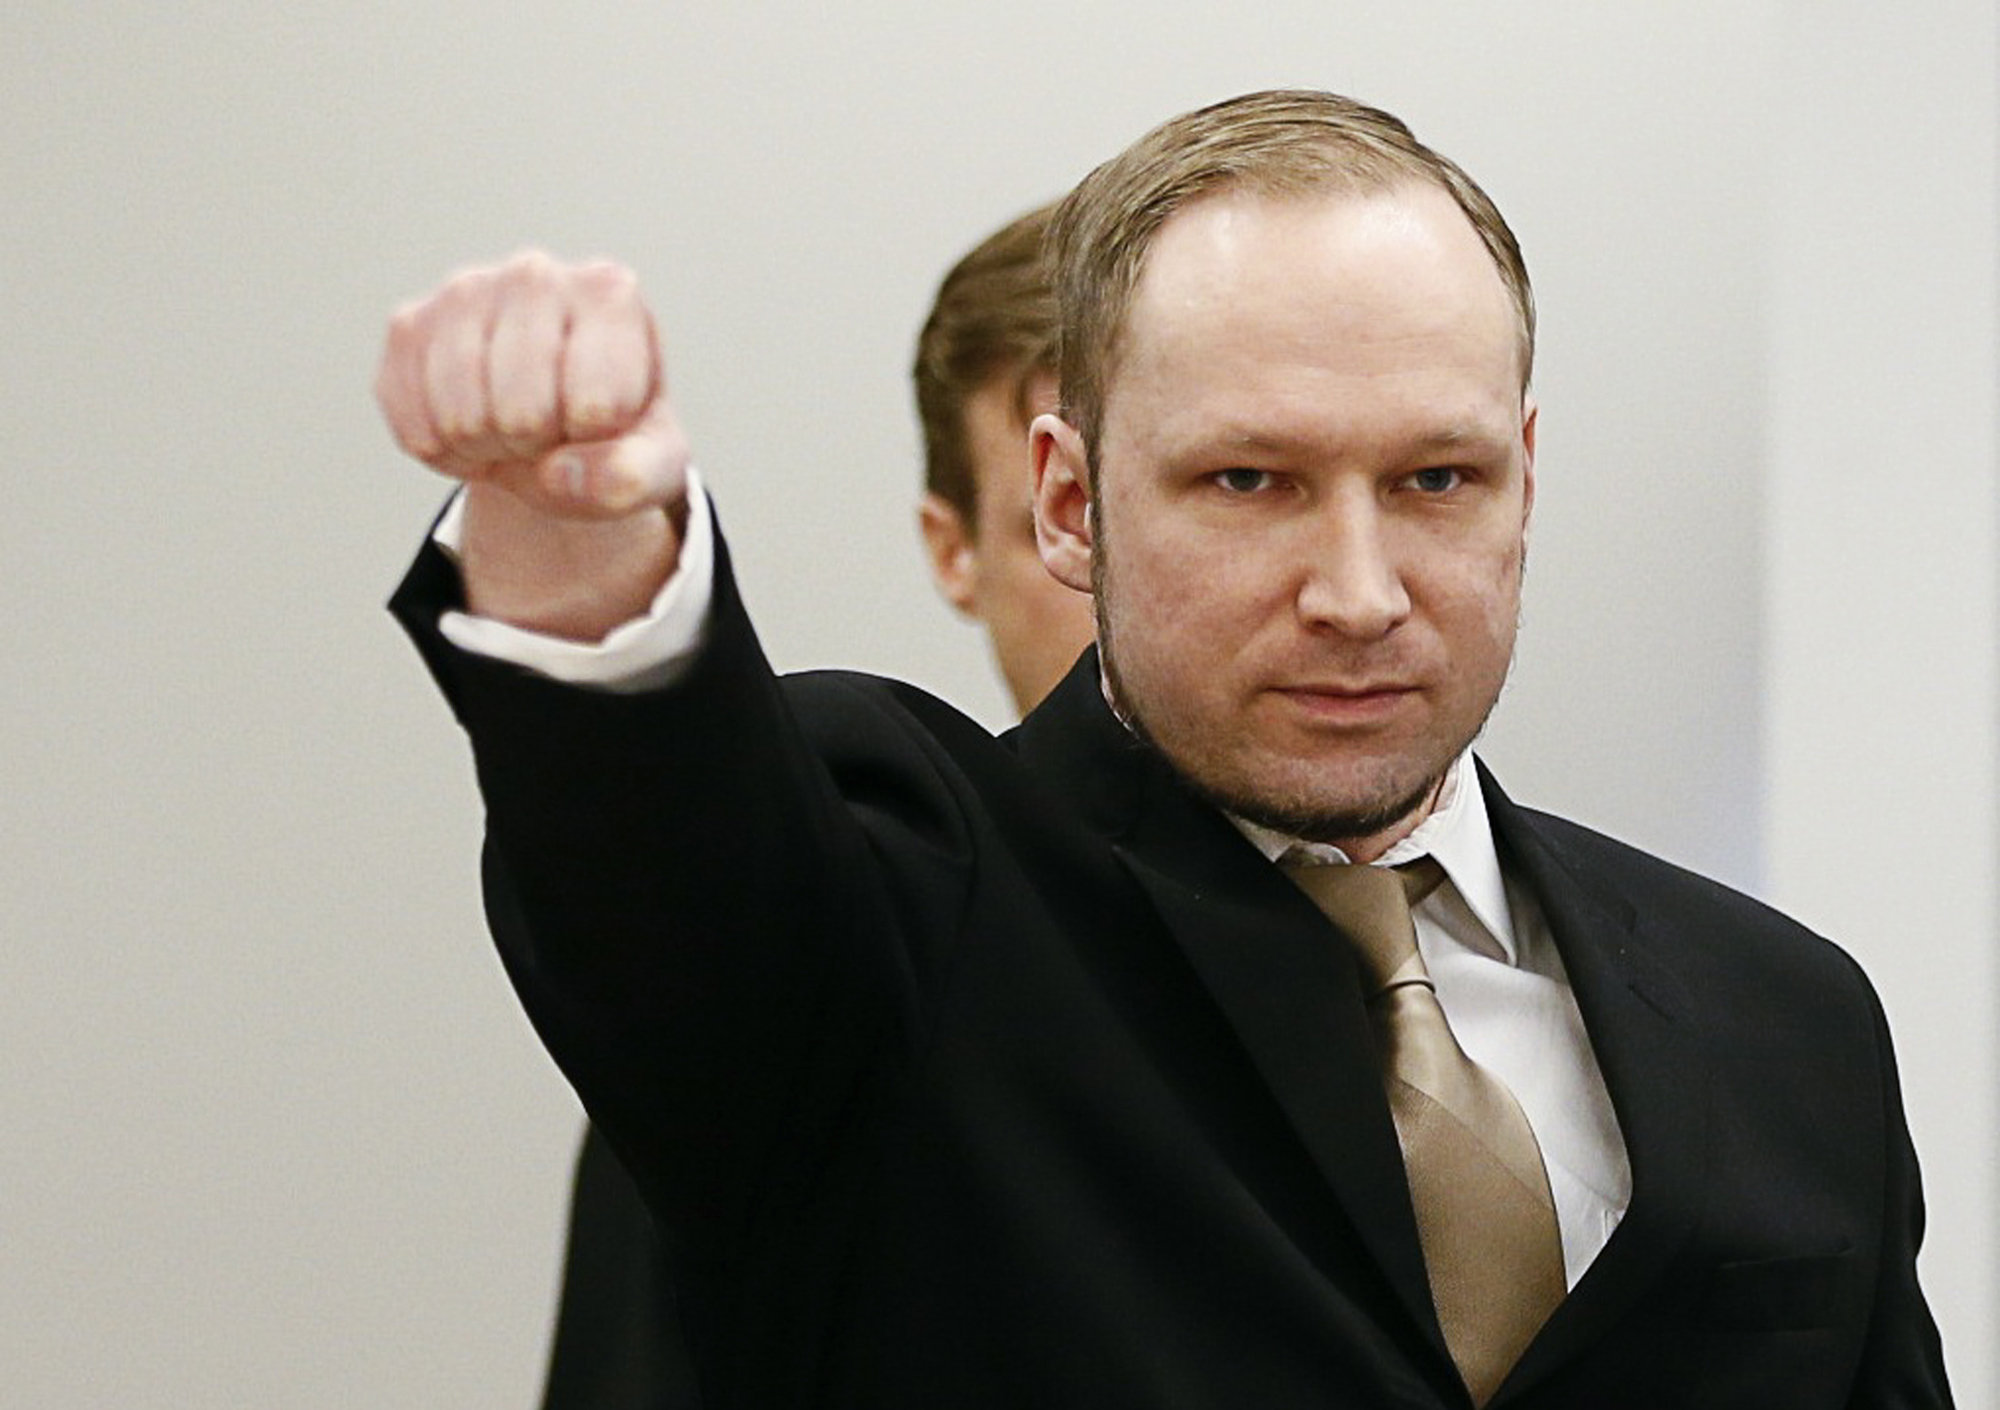 Суд Осло: Беринг Брейвик отбывает наказание в нечеловеческих условиях